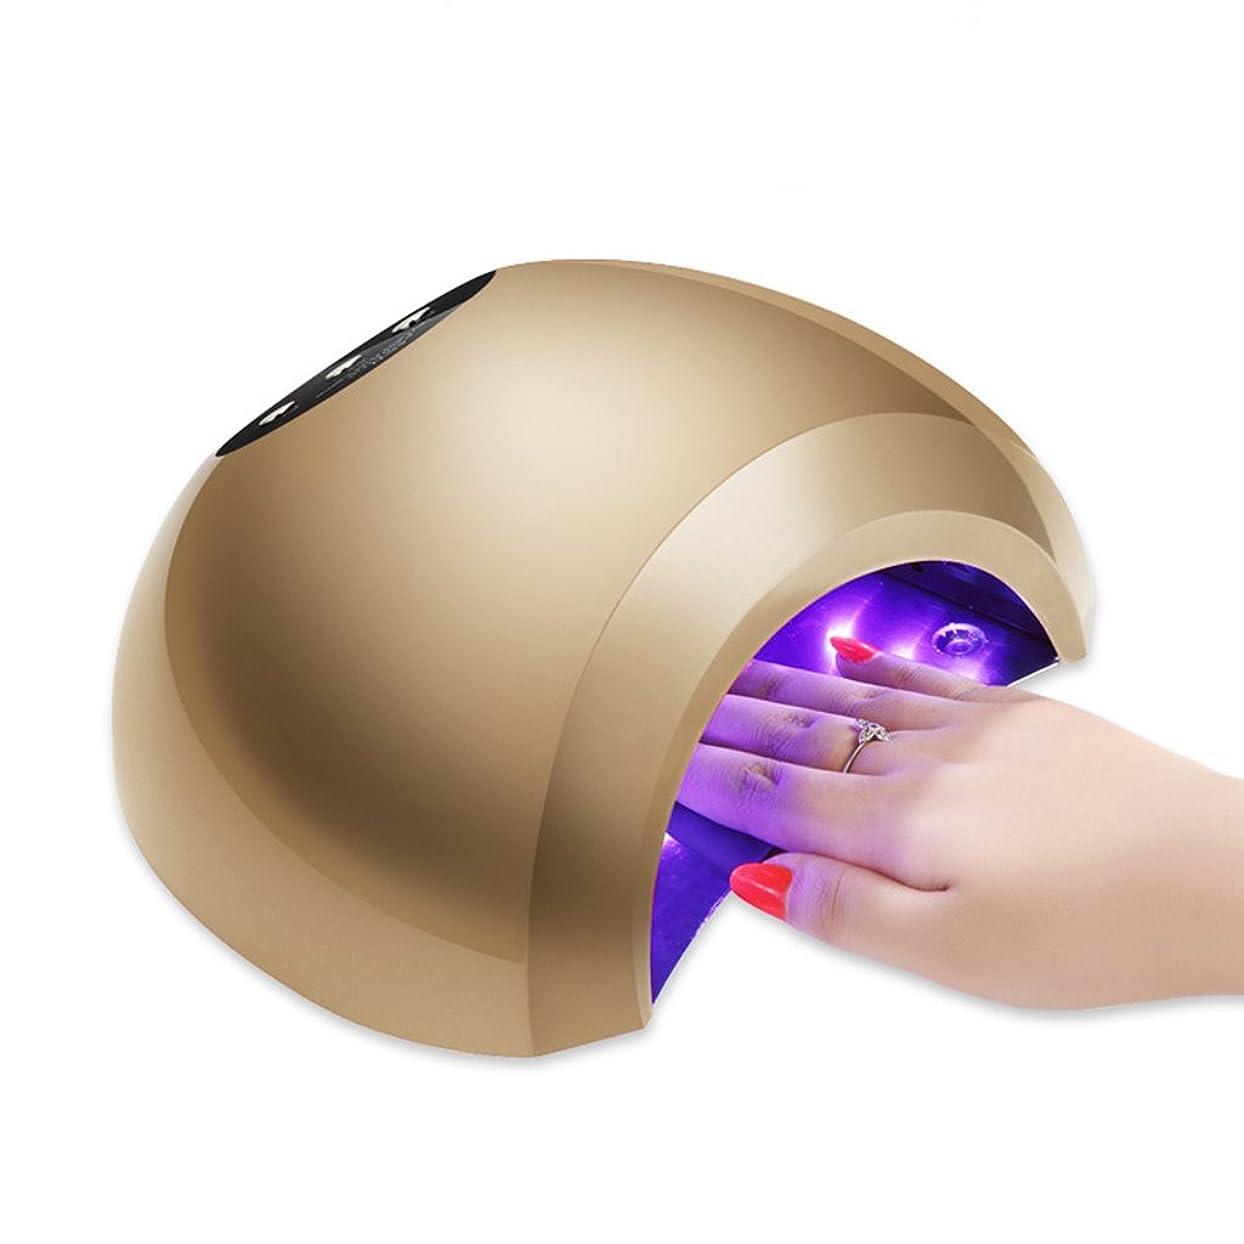 赤道ハミングバード拒否48WネイルランプUVビールジェルネイルドライヤー24ビーズ3タイマー設定10秒/ 30秒/ 60秒と自動センサー、プロ用ゲル硬化用硬化ランプ